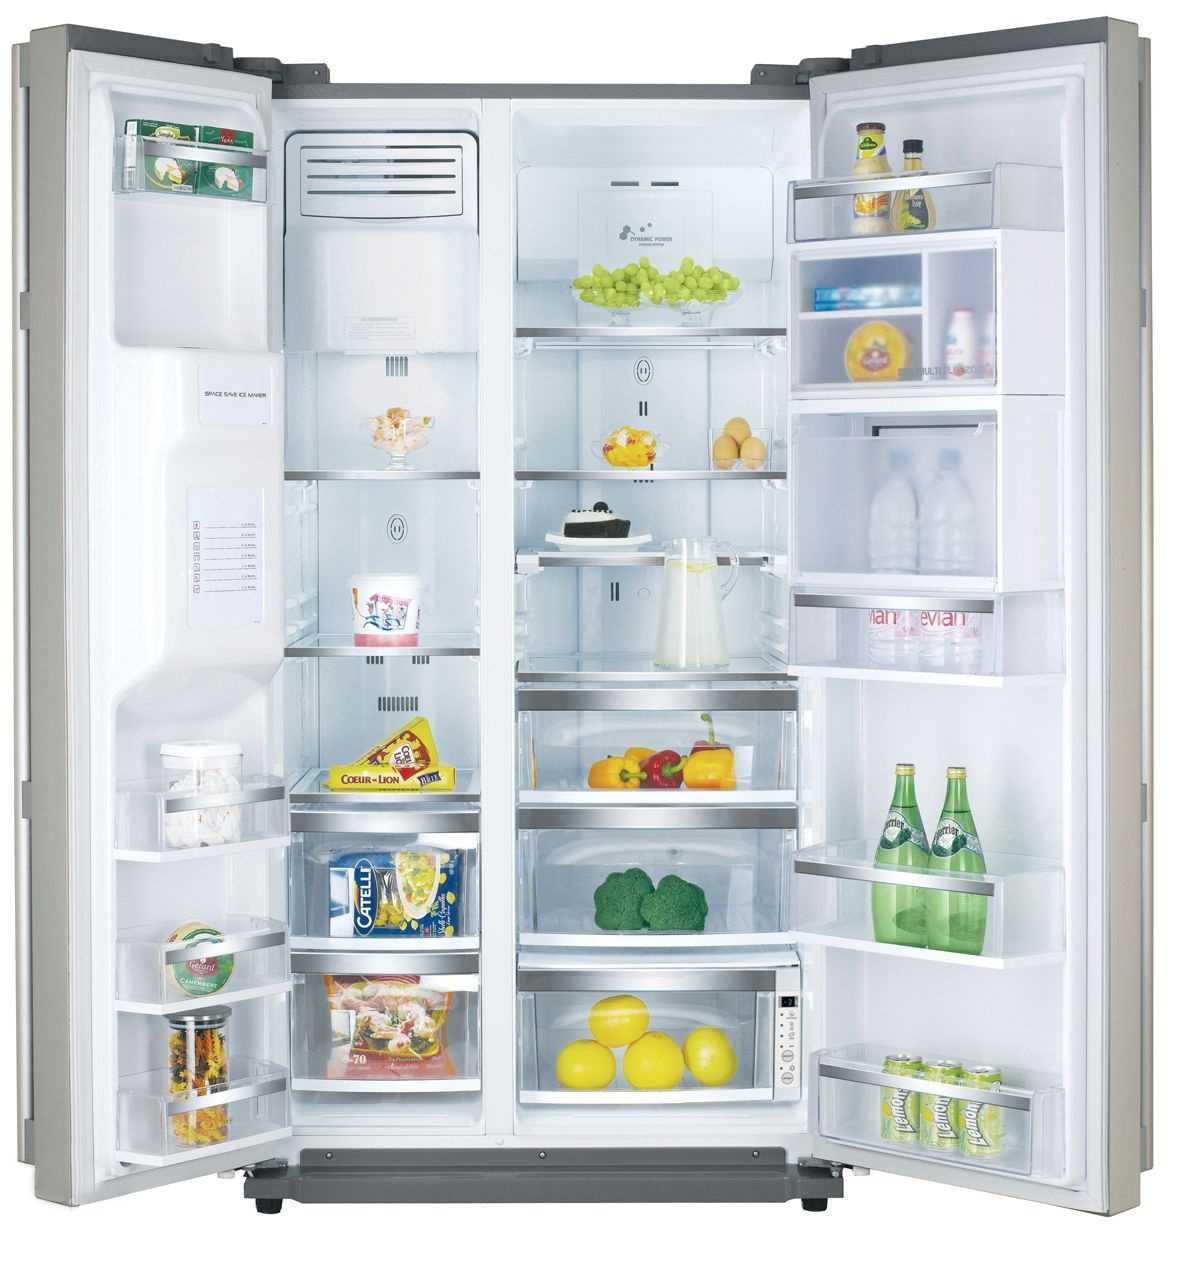 Бытовой холодильник Daewoo FRN-X22H4CSI